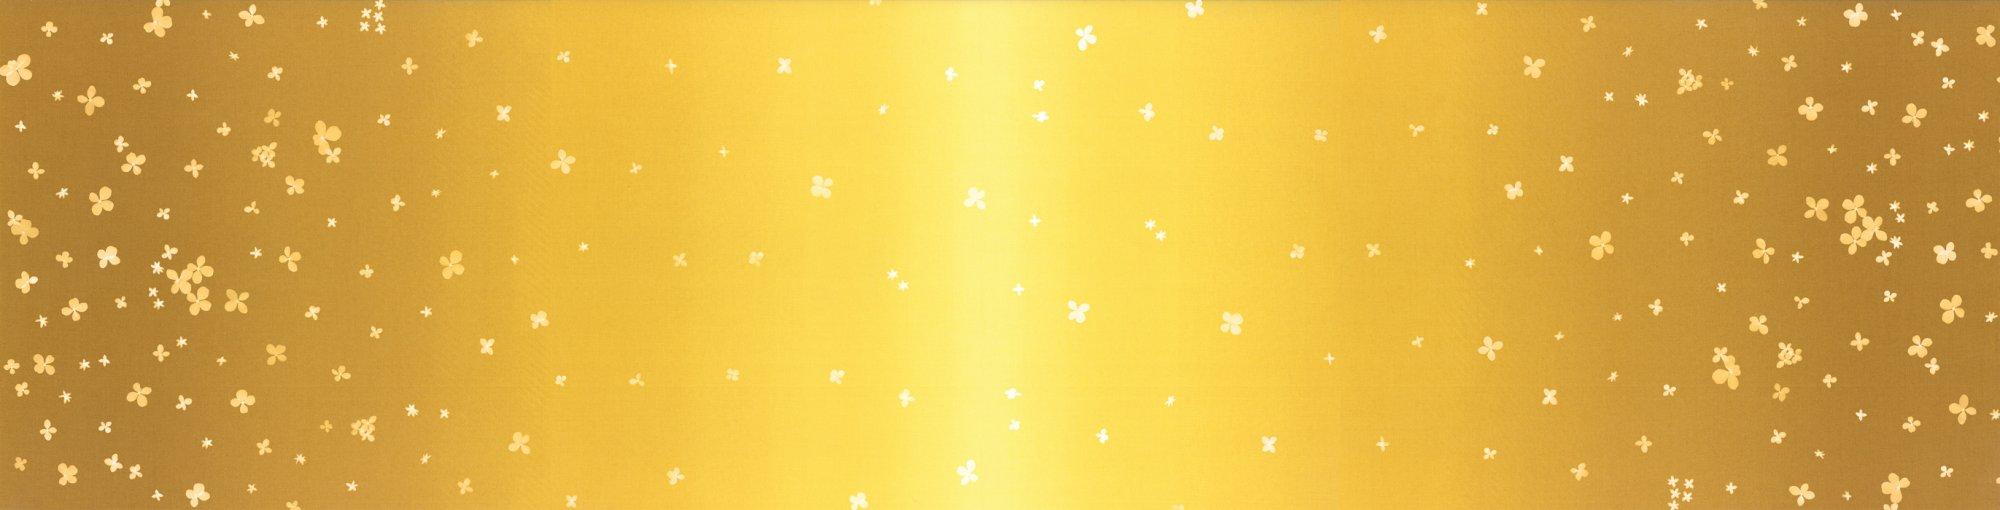 10870 213 Mustard